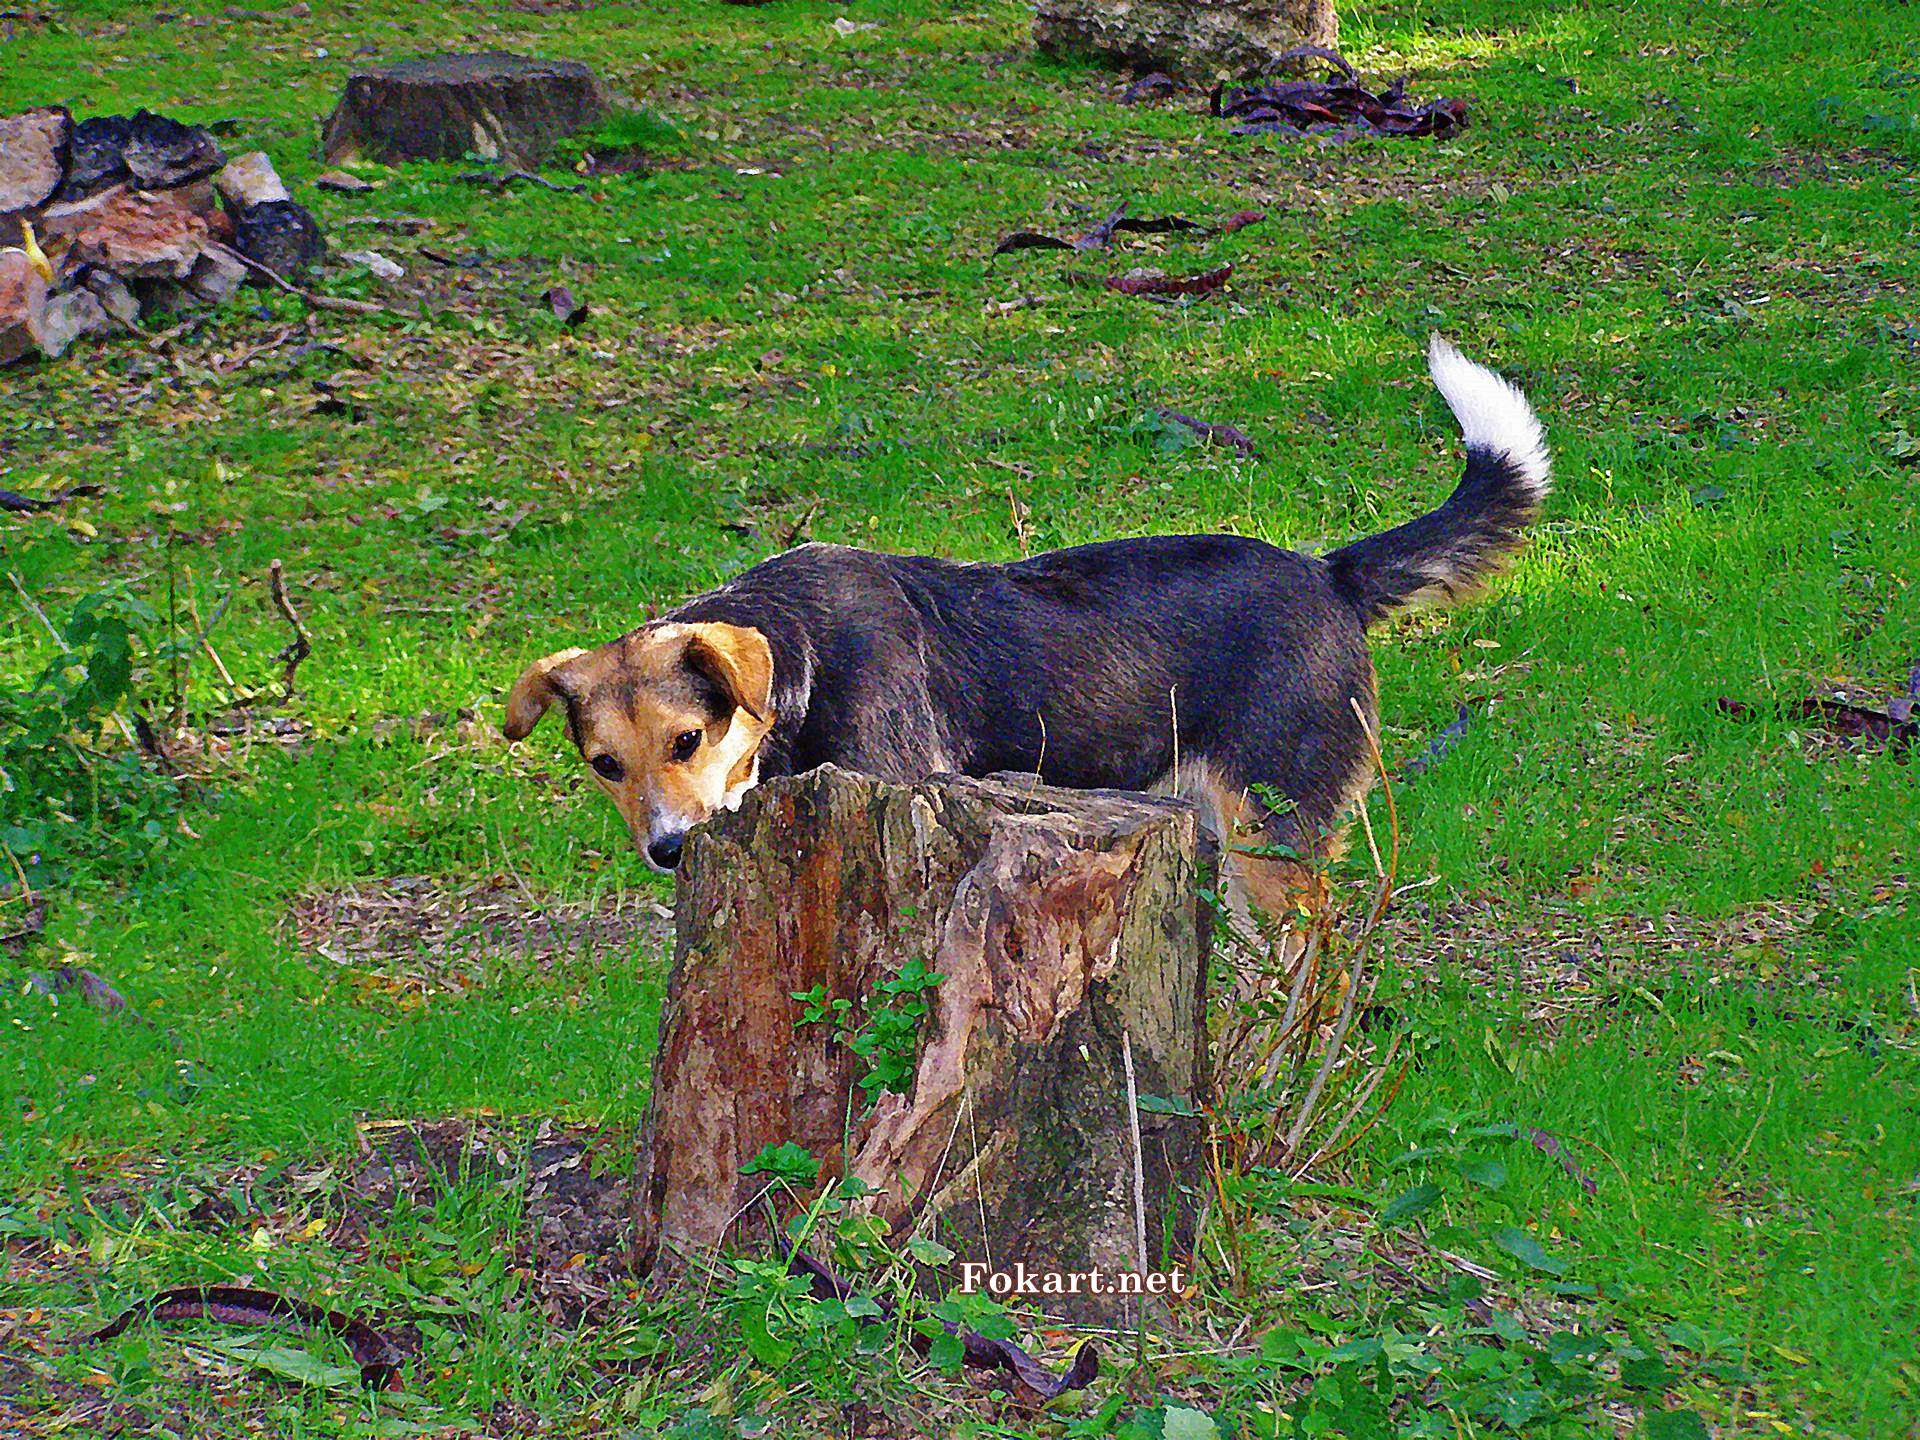 Собака обнюхивает пень, фото-картинка